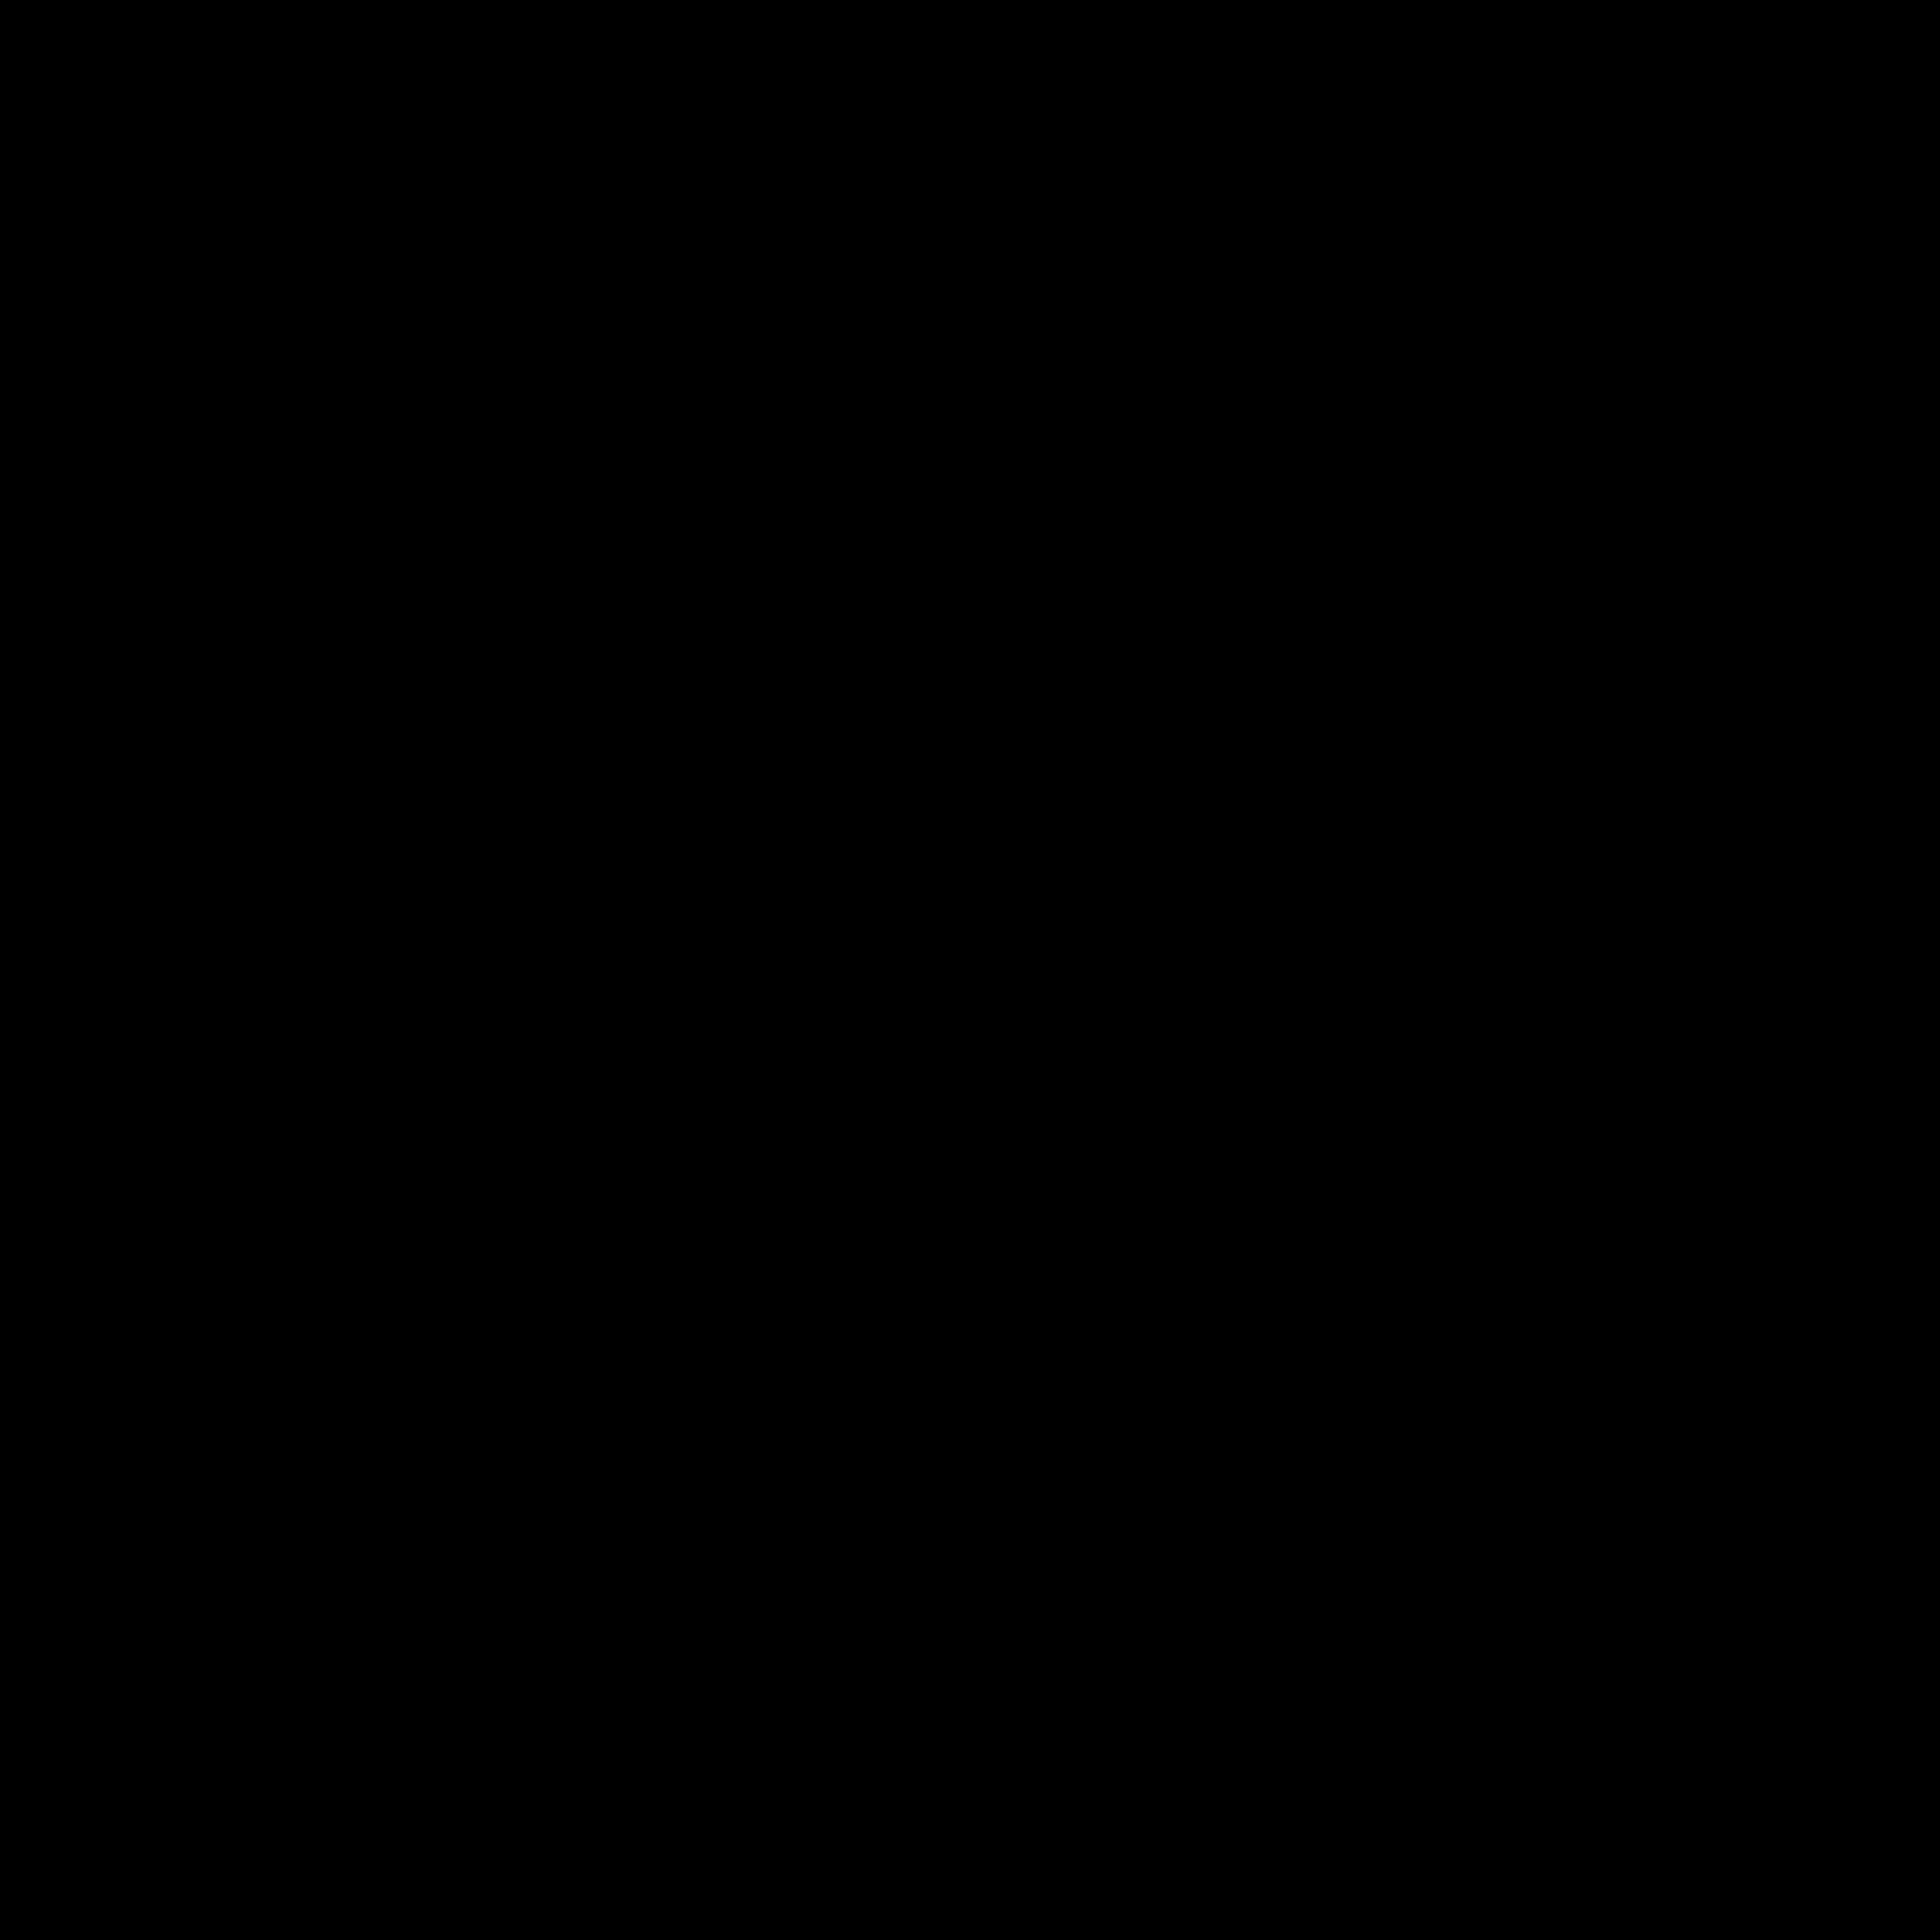 File svg wikimedia commons. Gears clipart gear shape